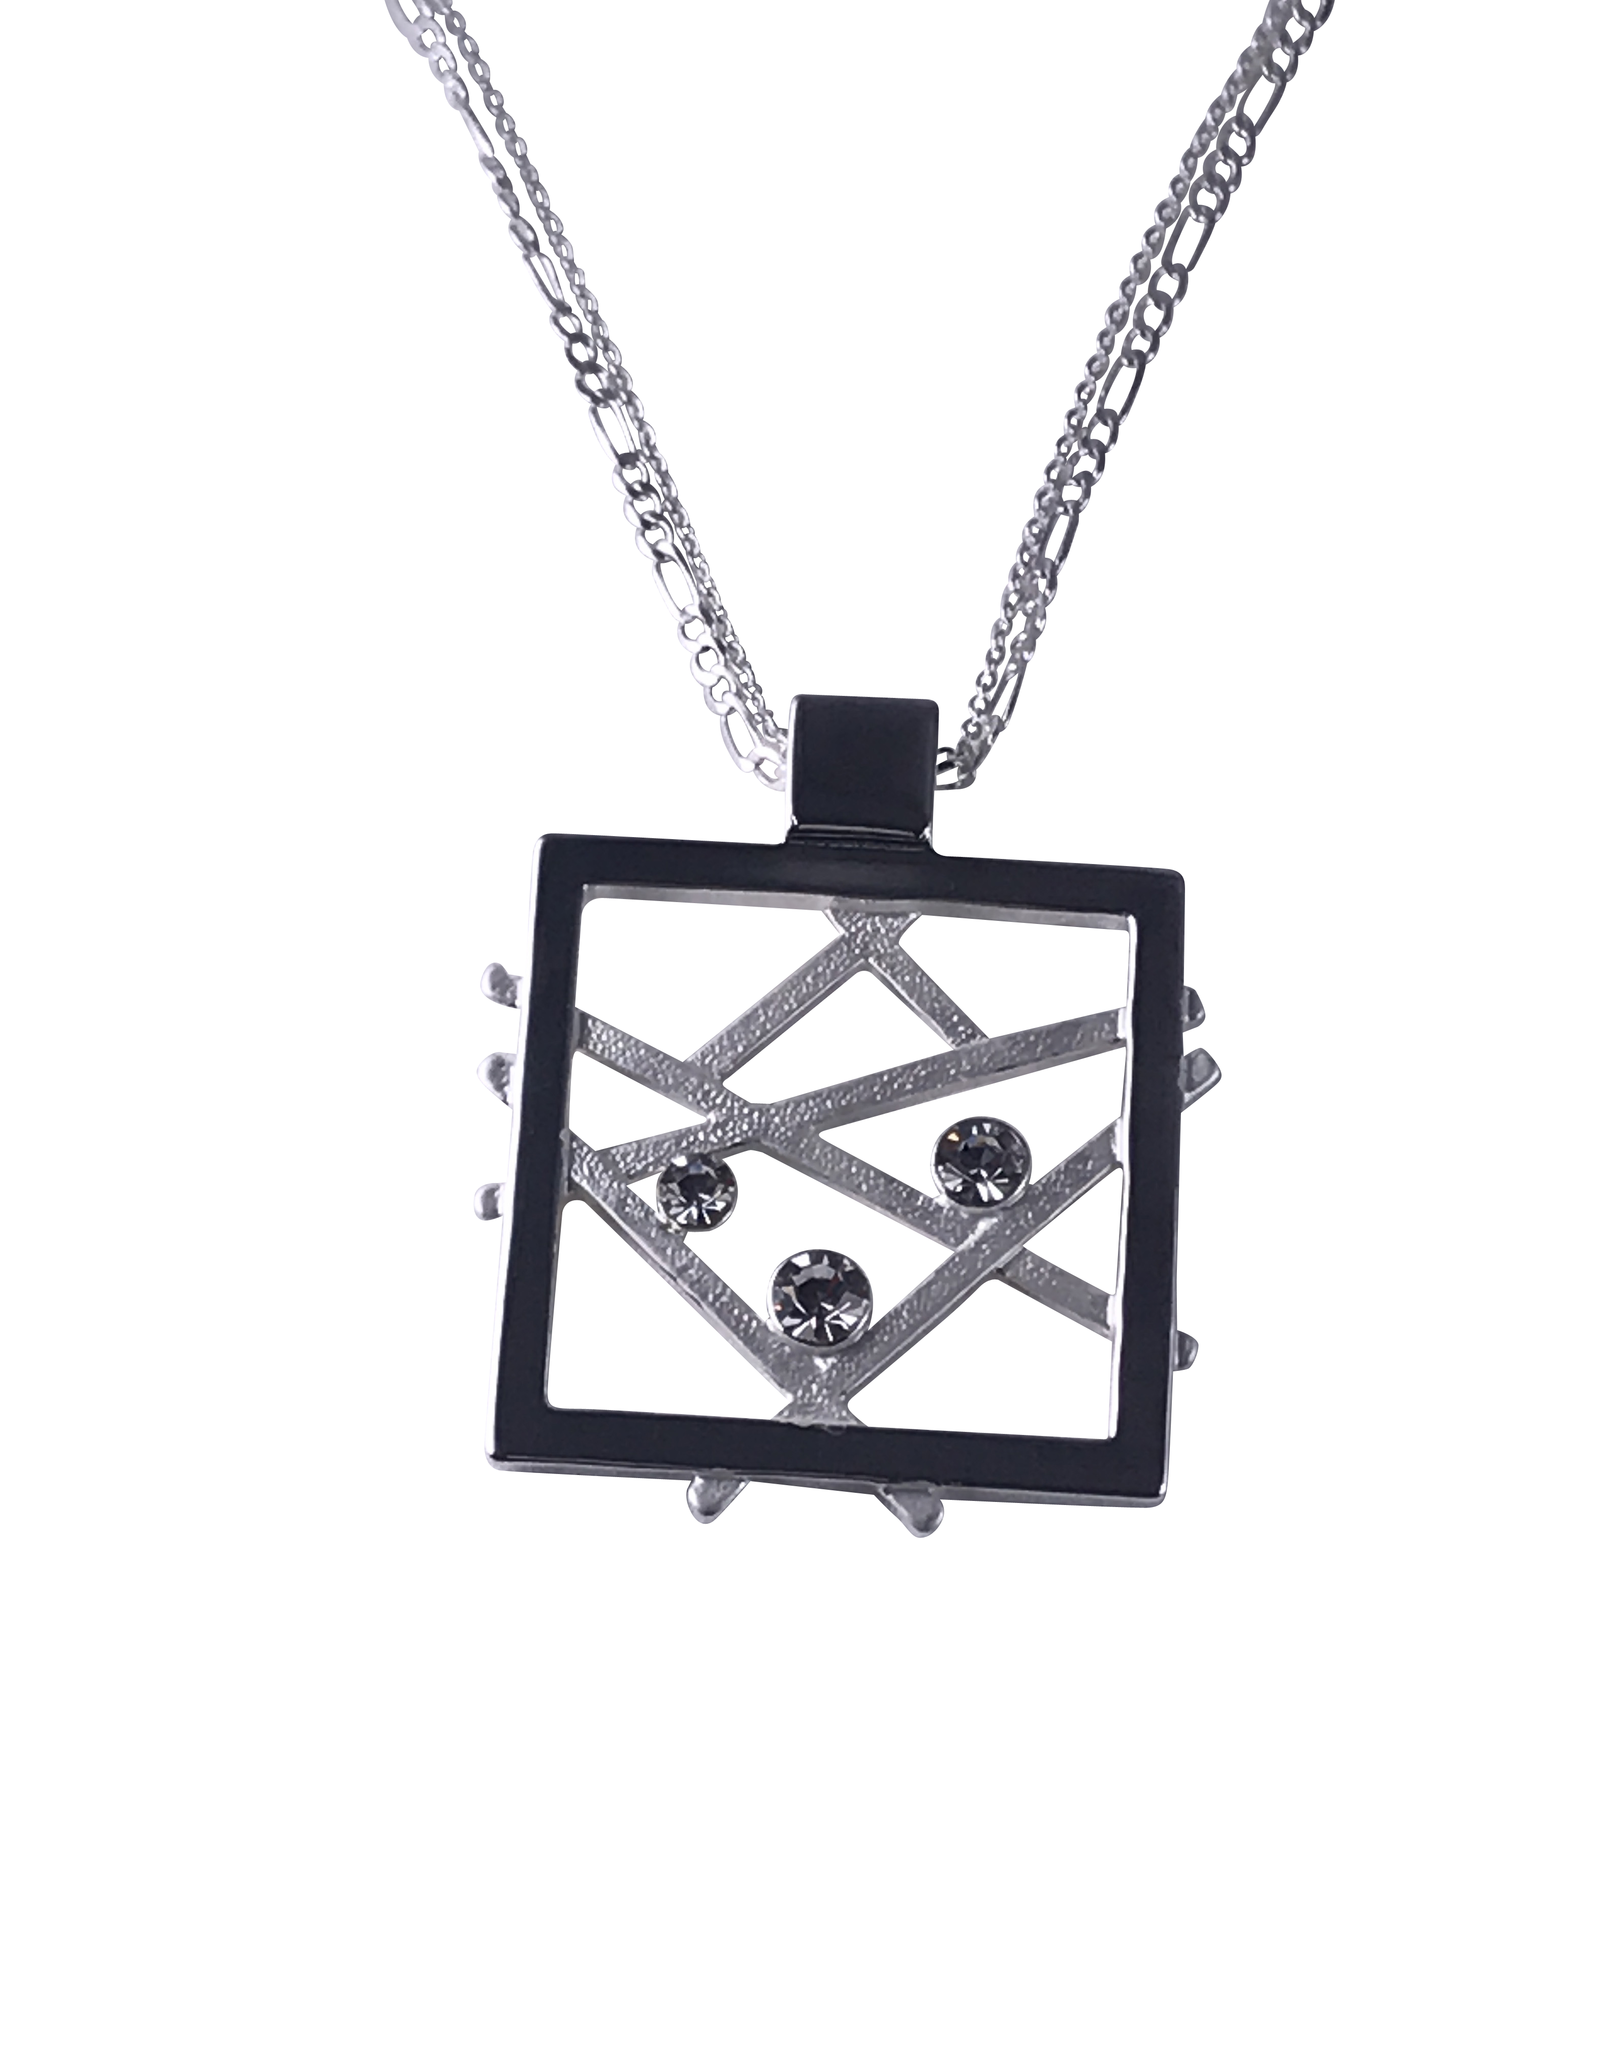 Axxes-Soir korte  ketting zilverkleurig vierkantje met mat zilvere diagonalen